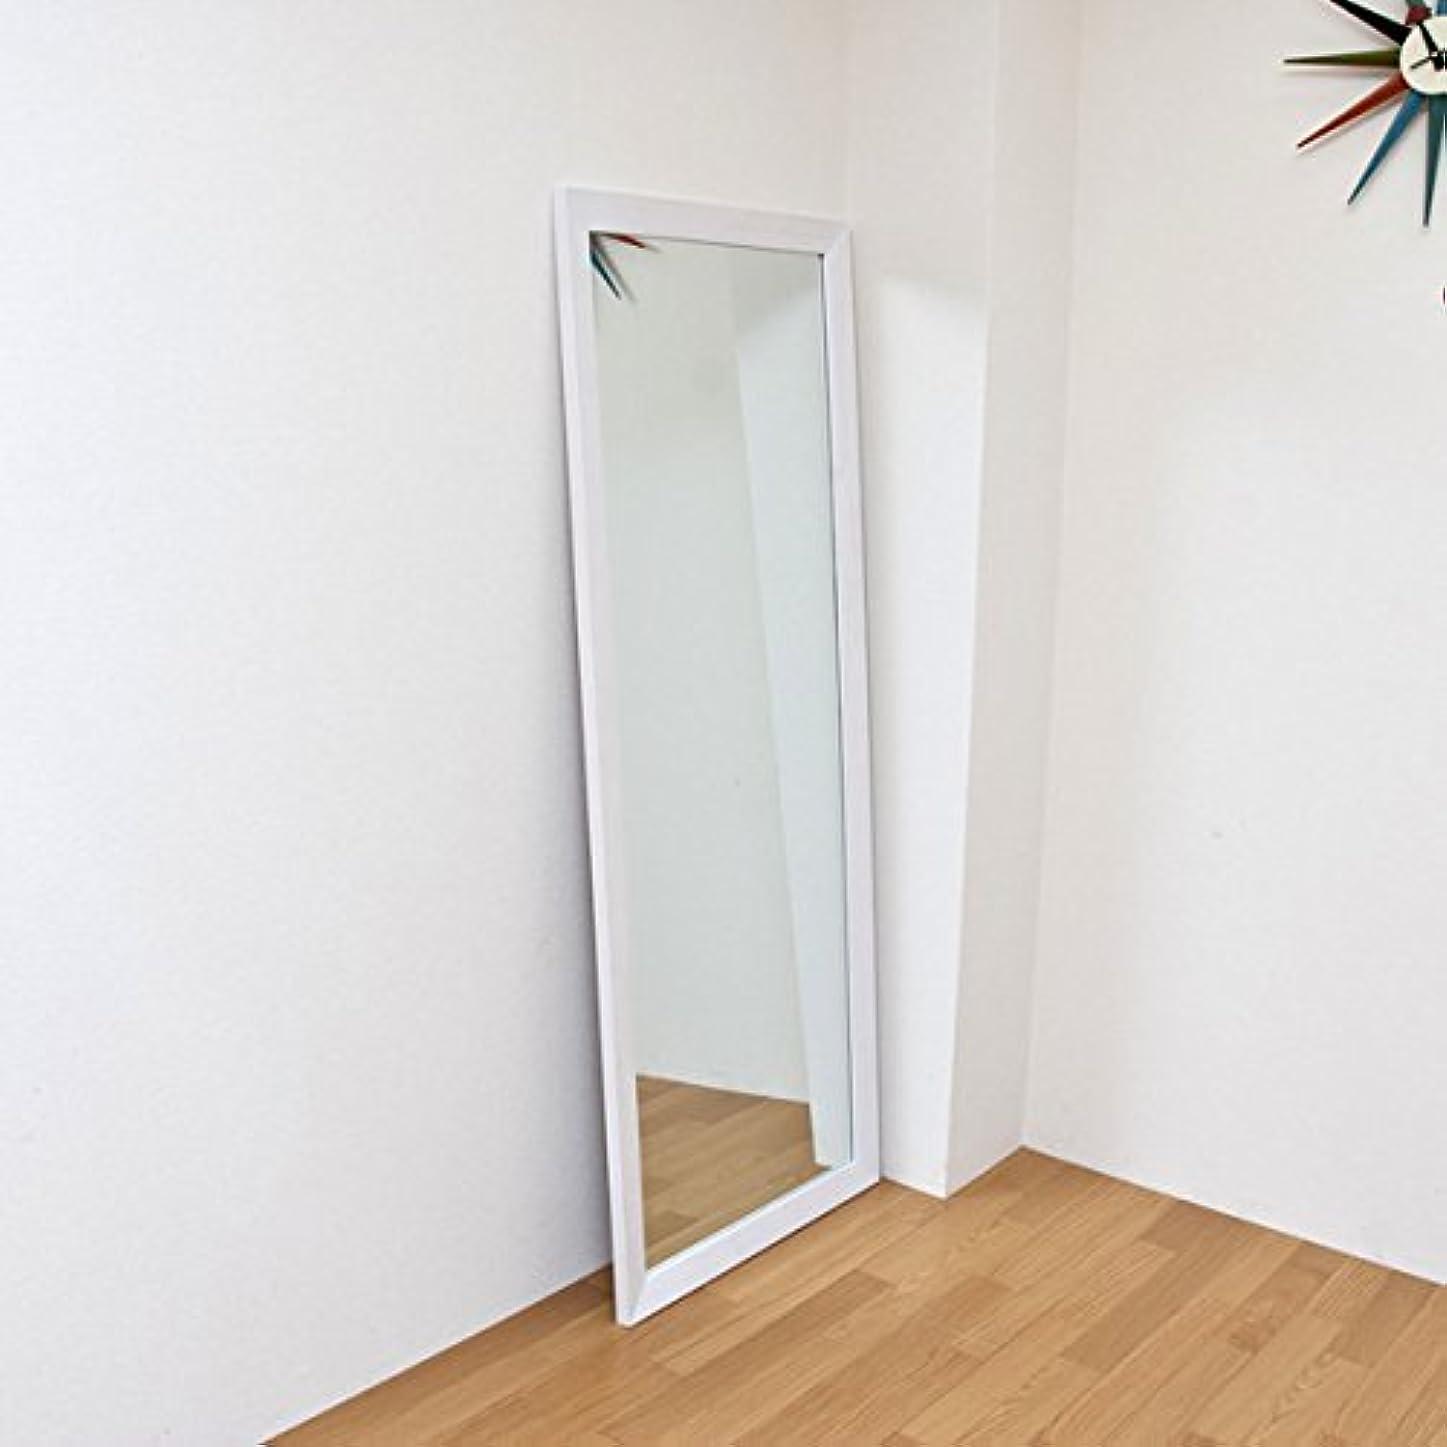 くしゃくしゃフィクション差ジャンボミラー 立て掛けタイプ 幅66cm×高さ166cm[ホワイト?白]/転倒防止金具付属 大きい鏡 大型姿見